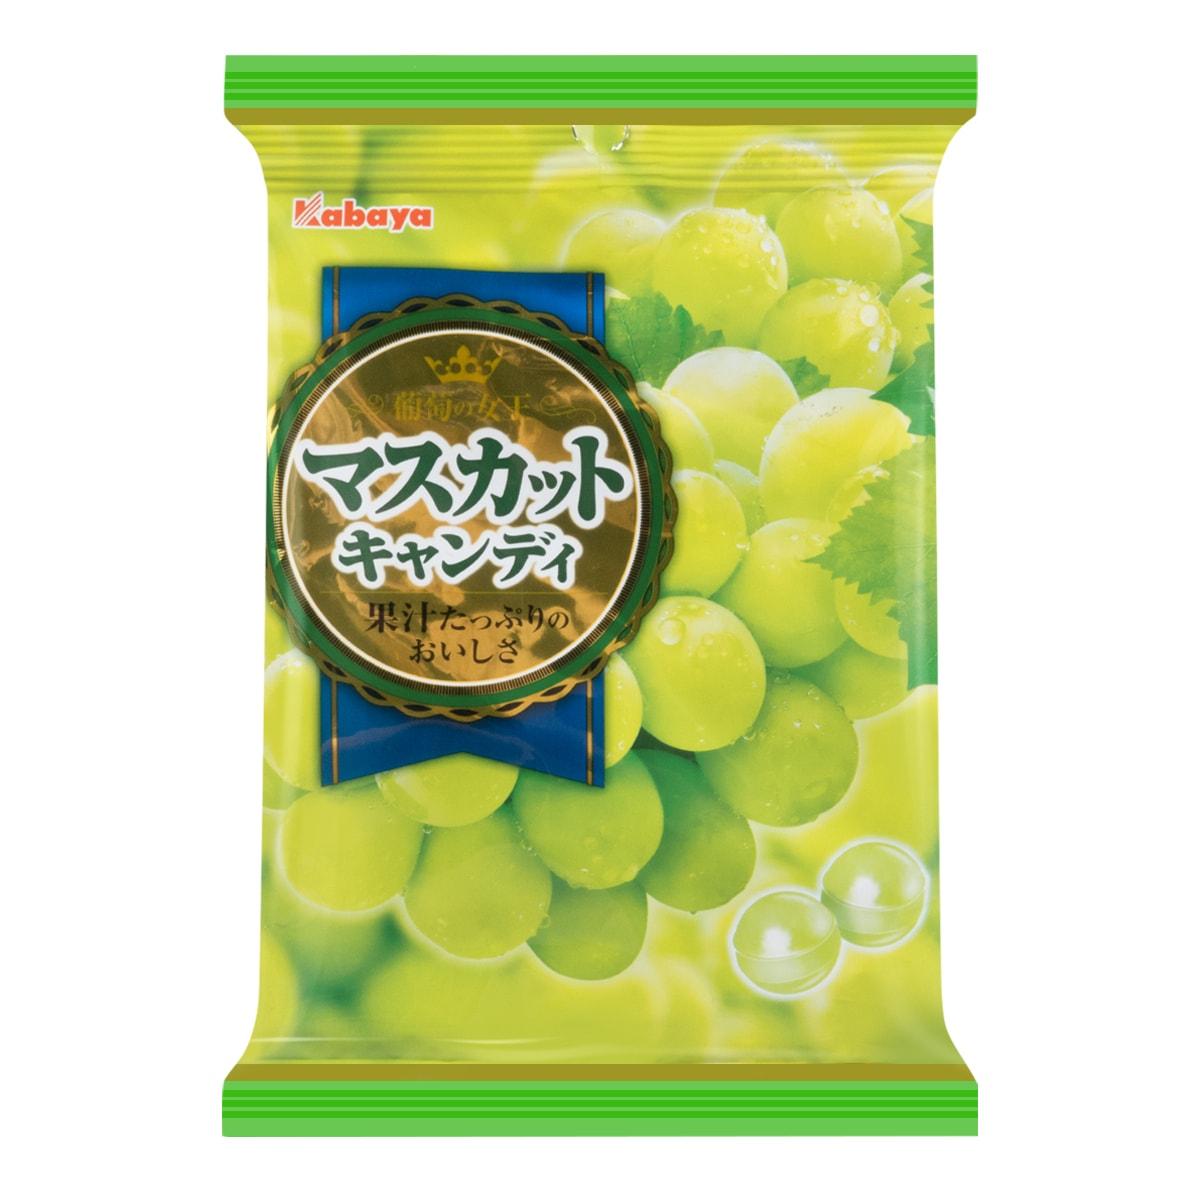 日本KABAYA 青葡萄水果硬糖 94g